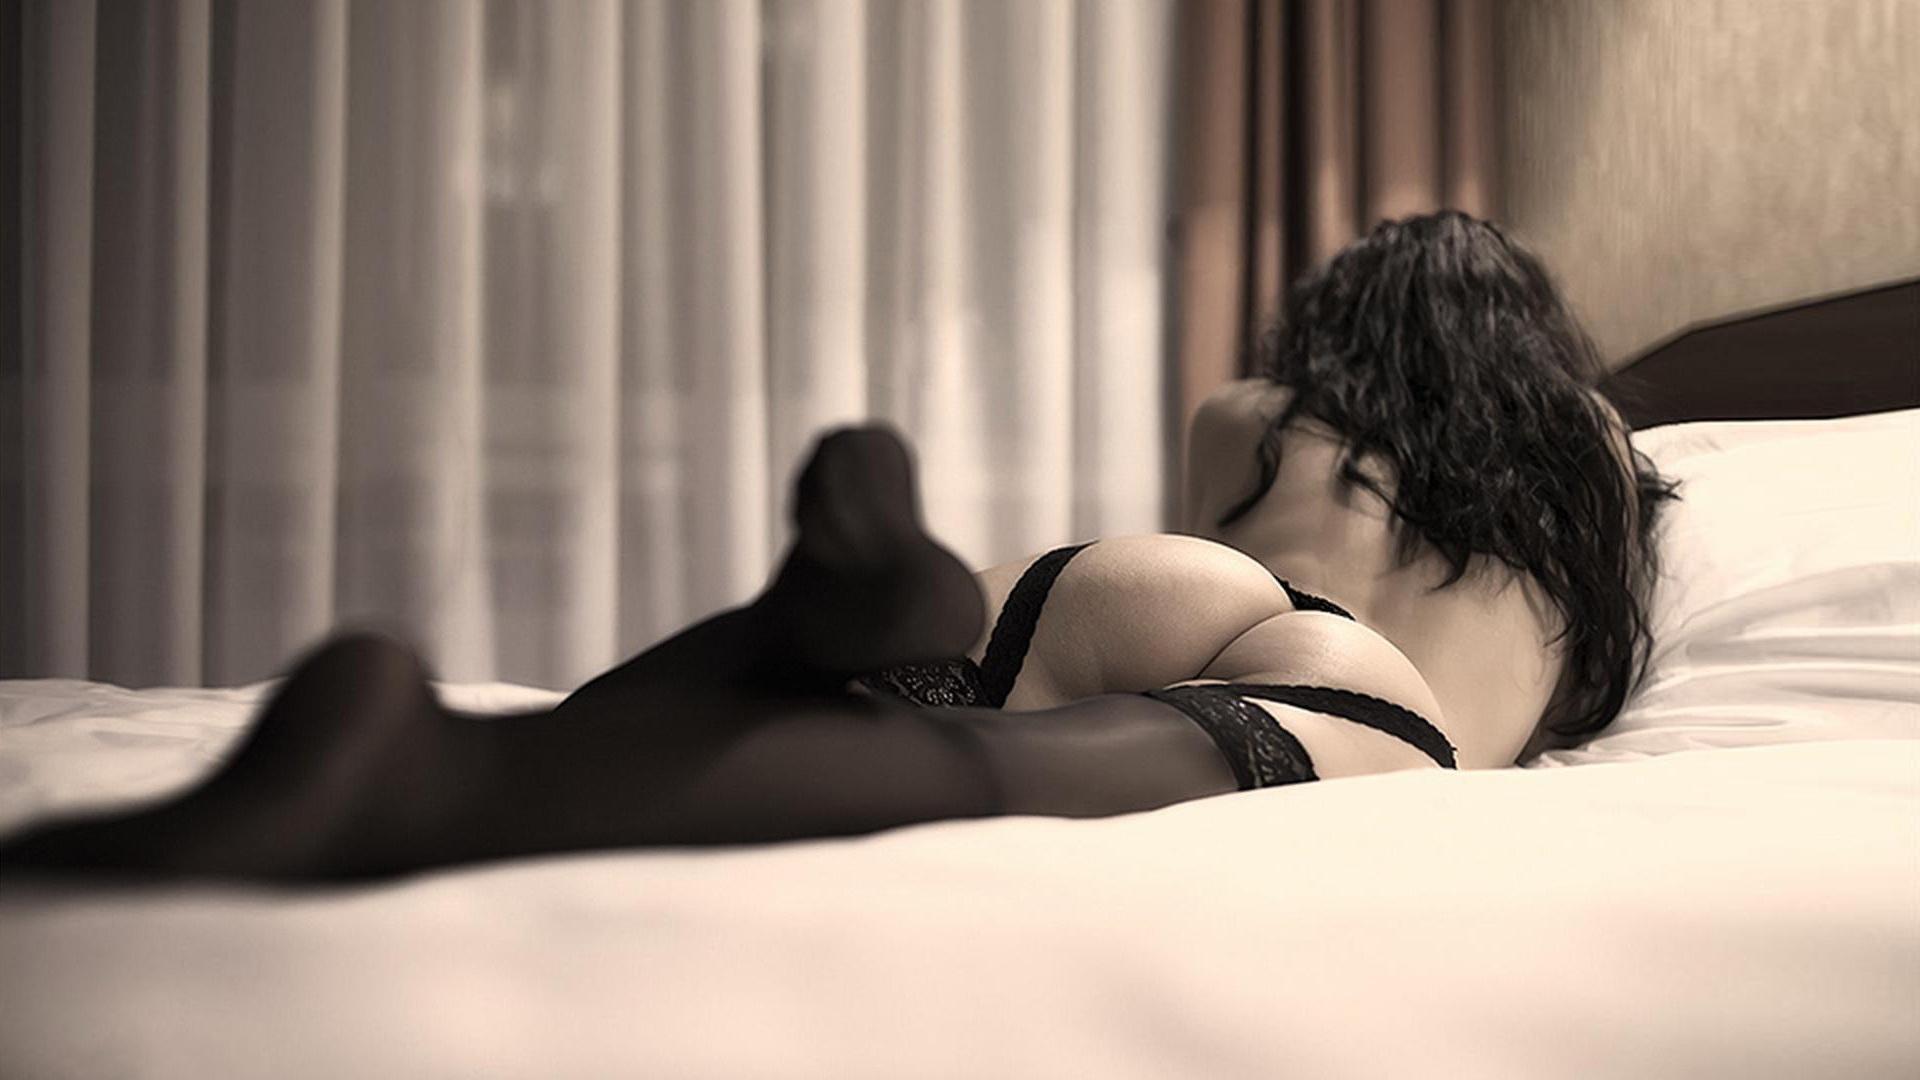 Профессиональные эротические фото брюнеток сзади — pic 13